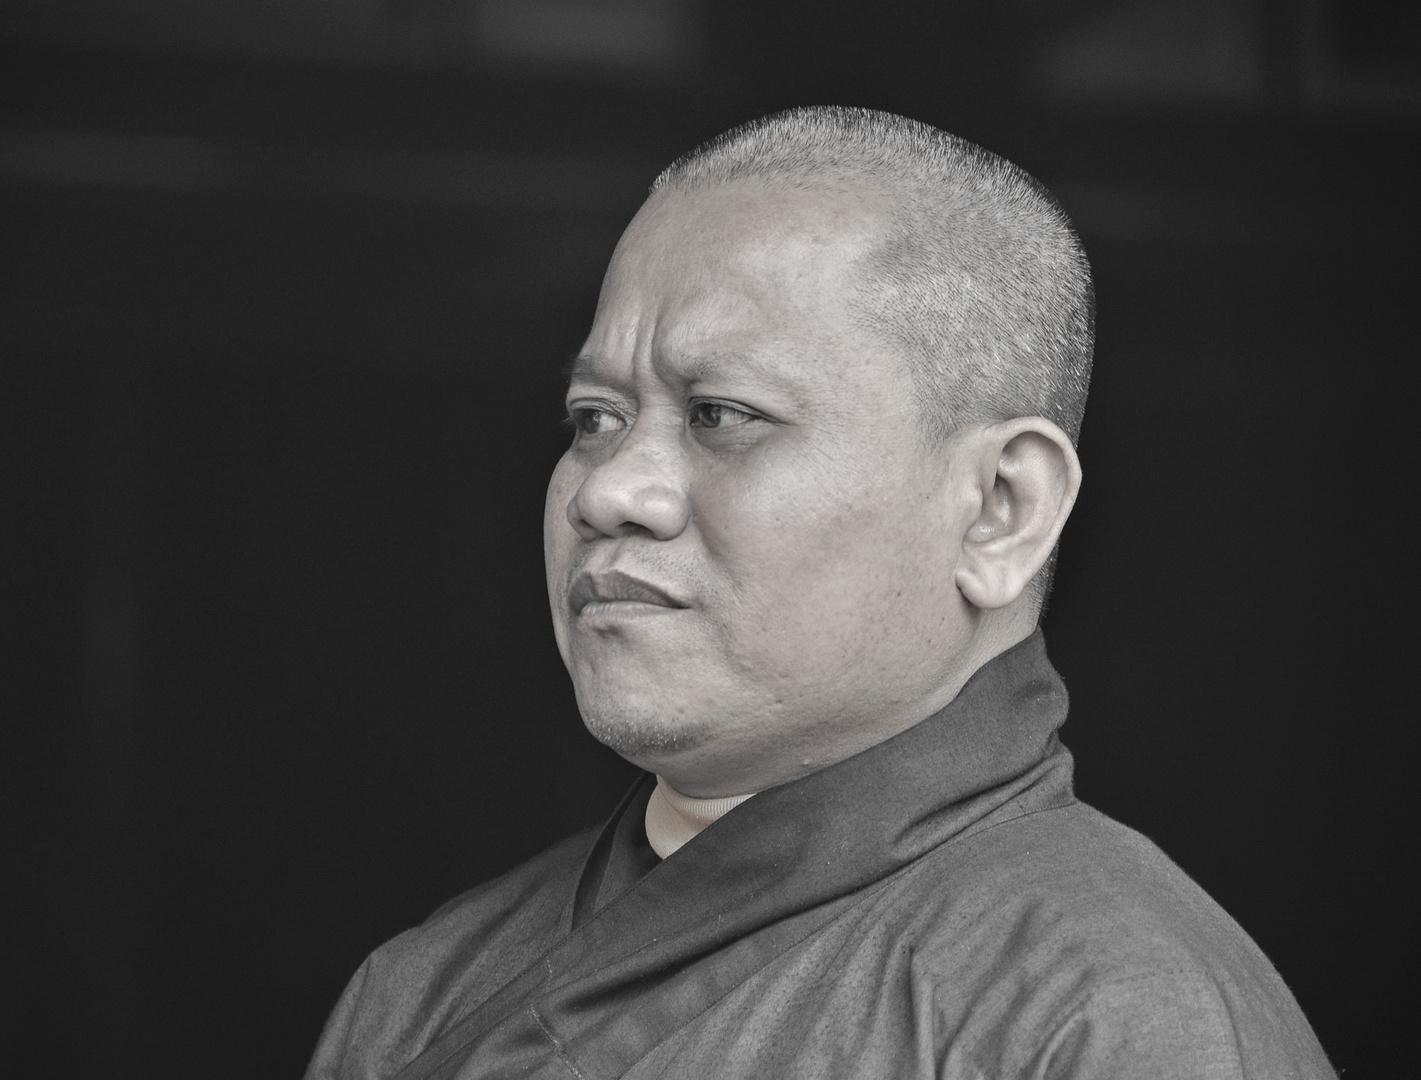 Mönch in Vietnam